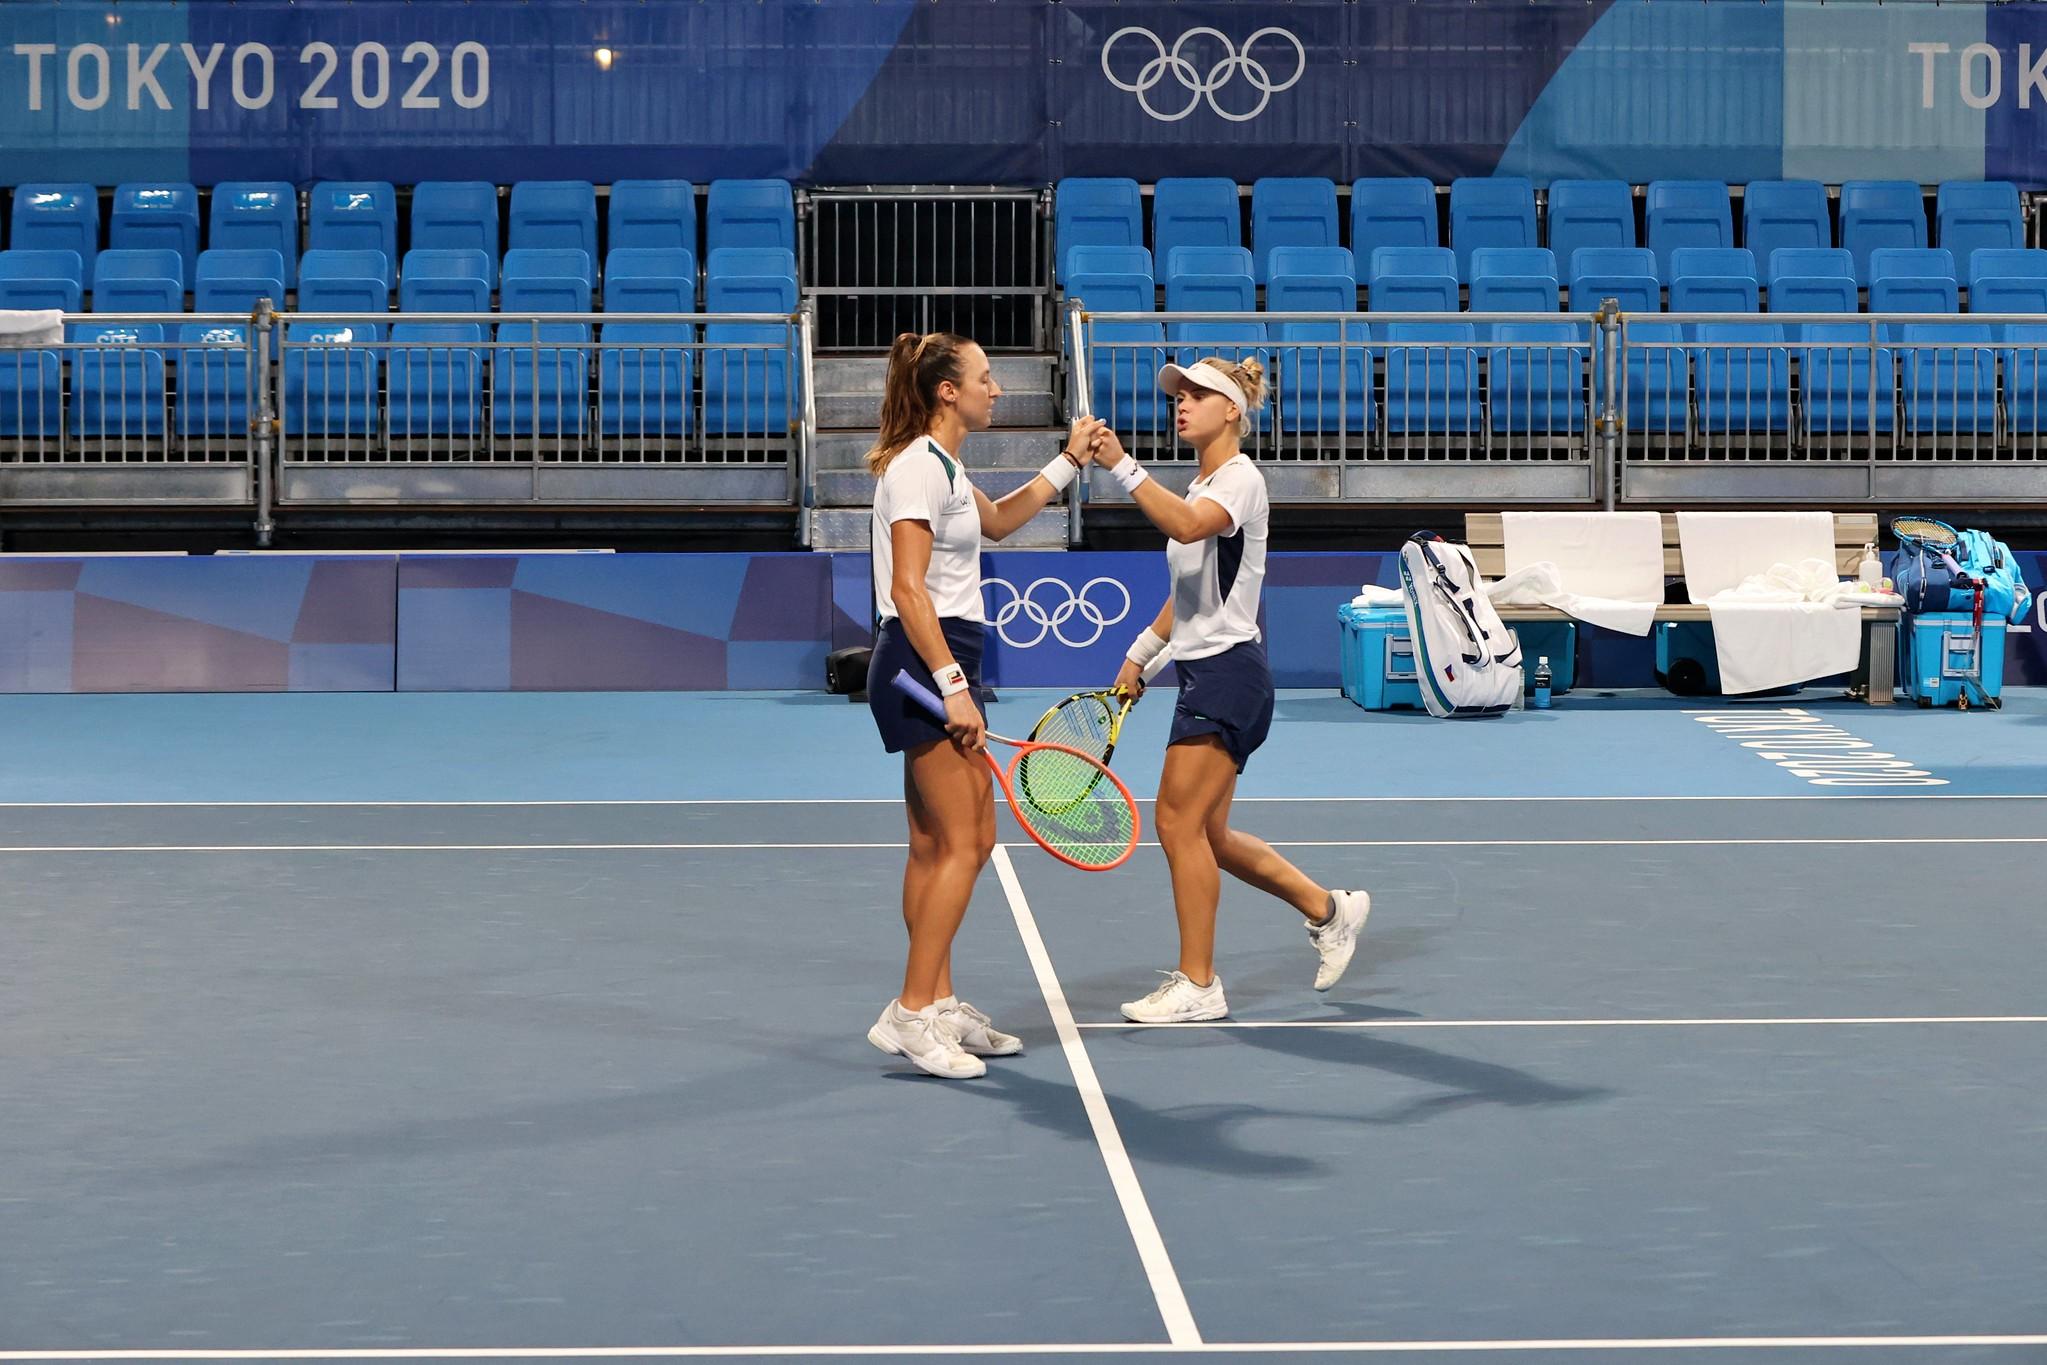 Luisa Stefani e Laura Pigossi já somam duas vitórias no torneio e estão nas quartas de final. Foto: Breno Barros/rededoesporte.gov.br